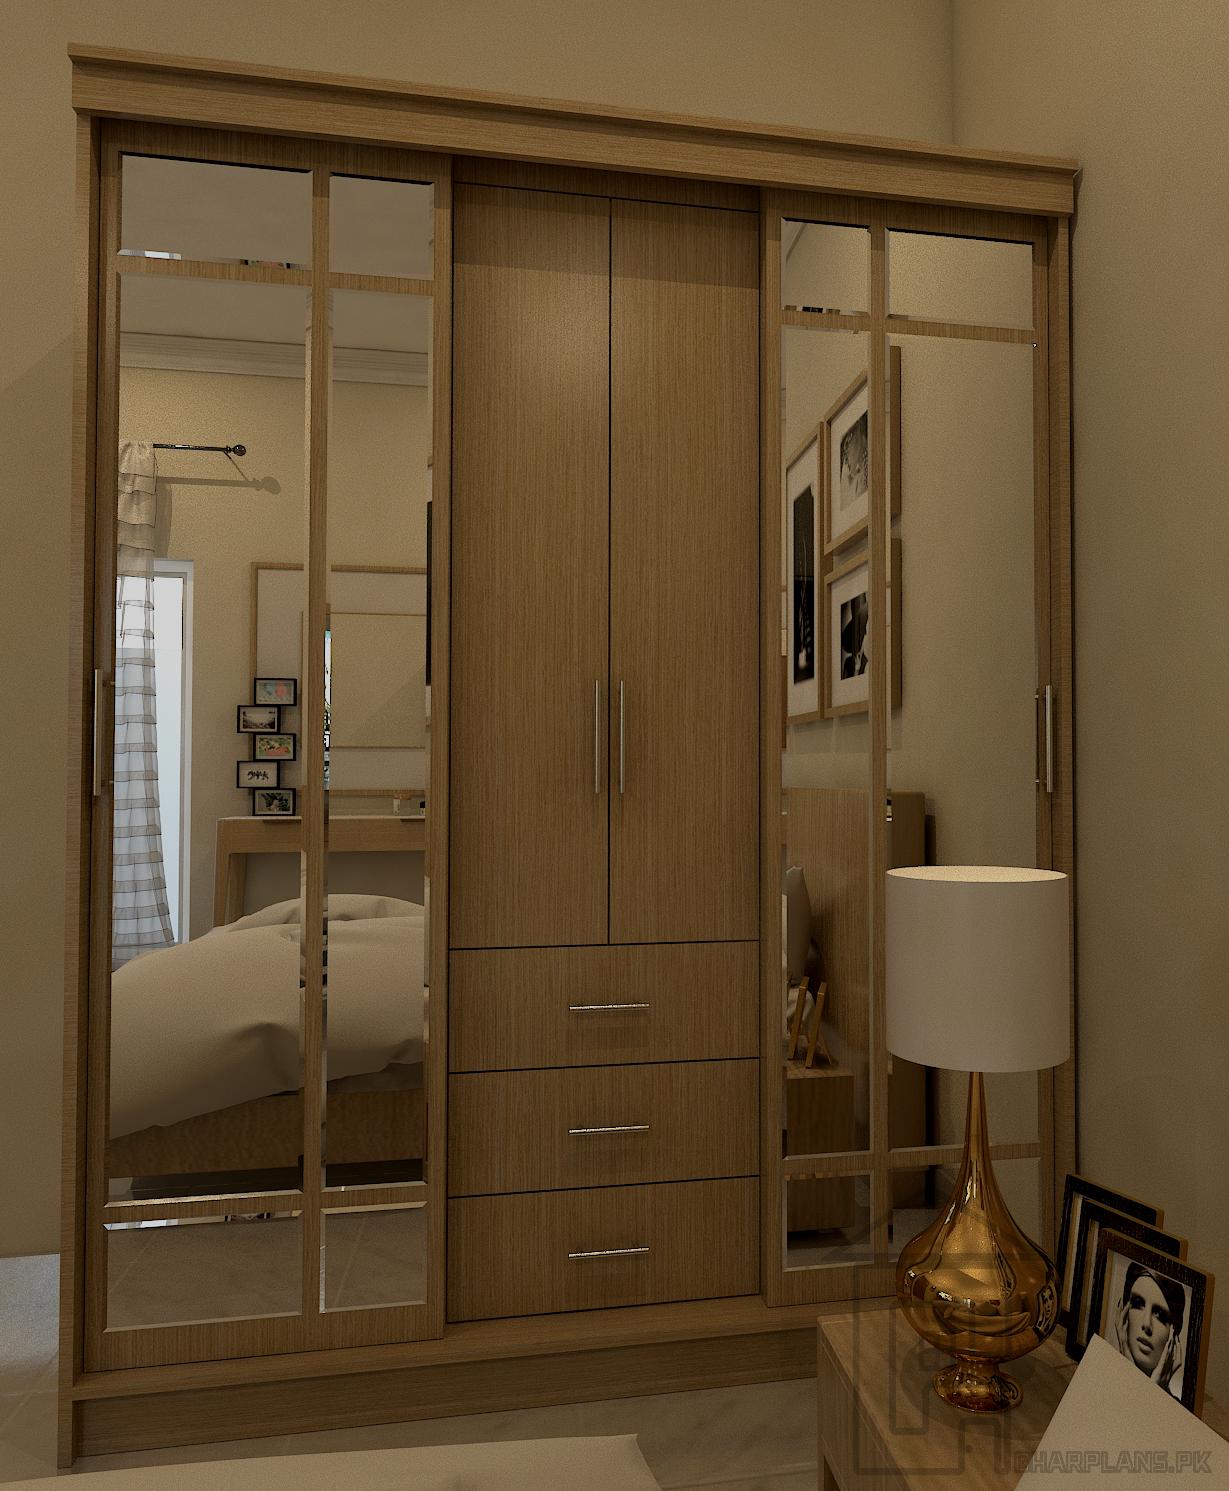 Wooden Almirah Design In Pakistan This Wooden Almirah Design In